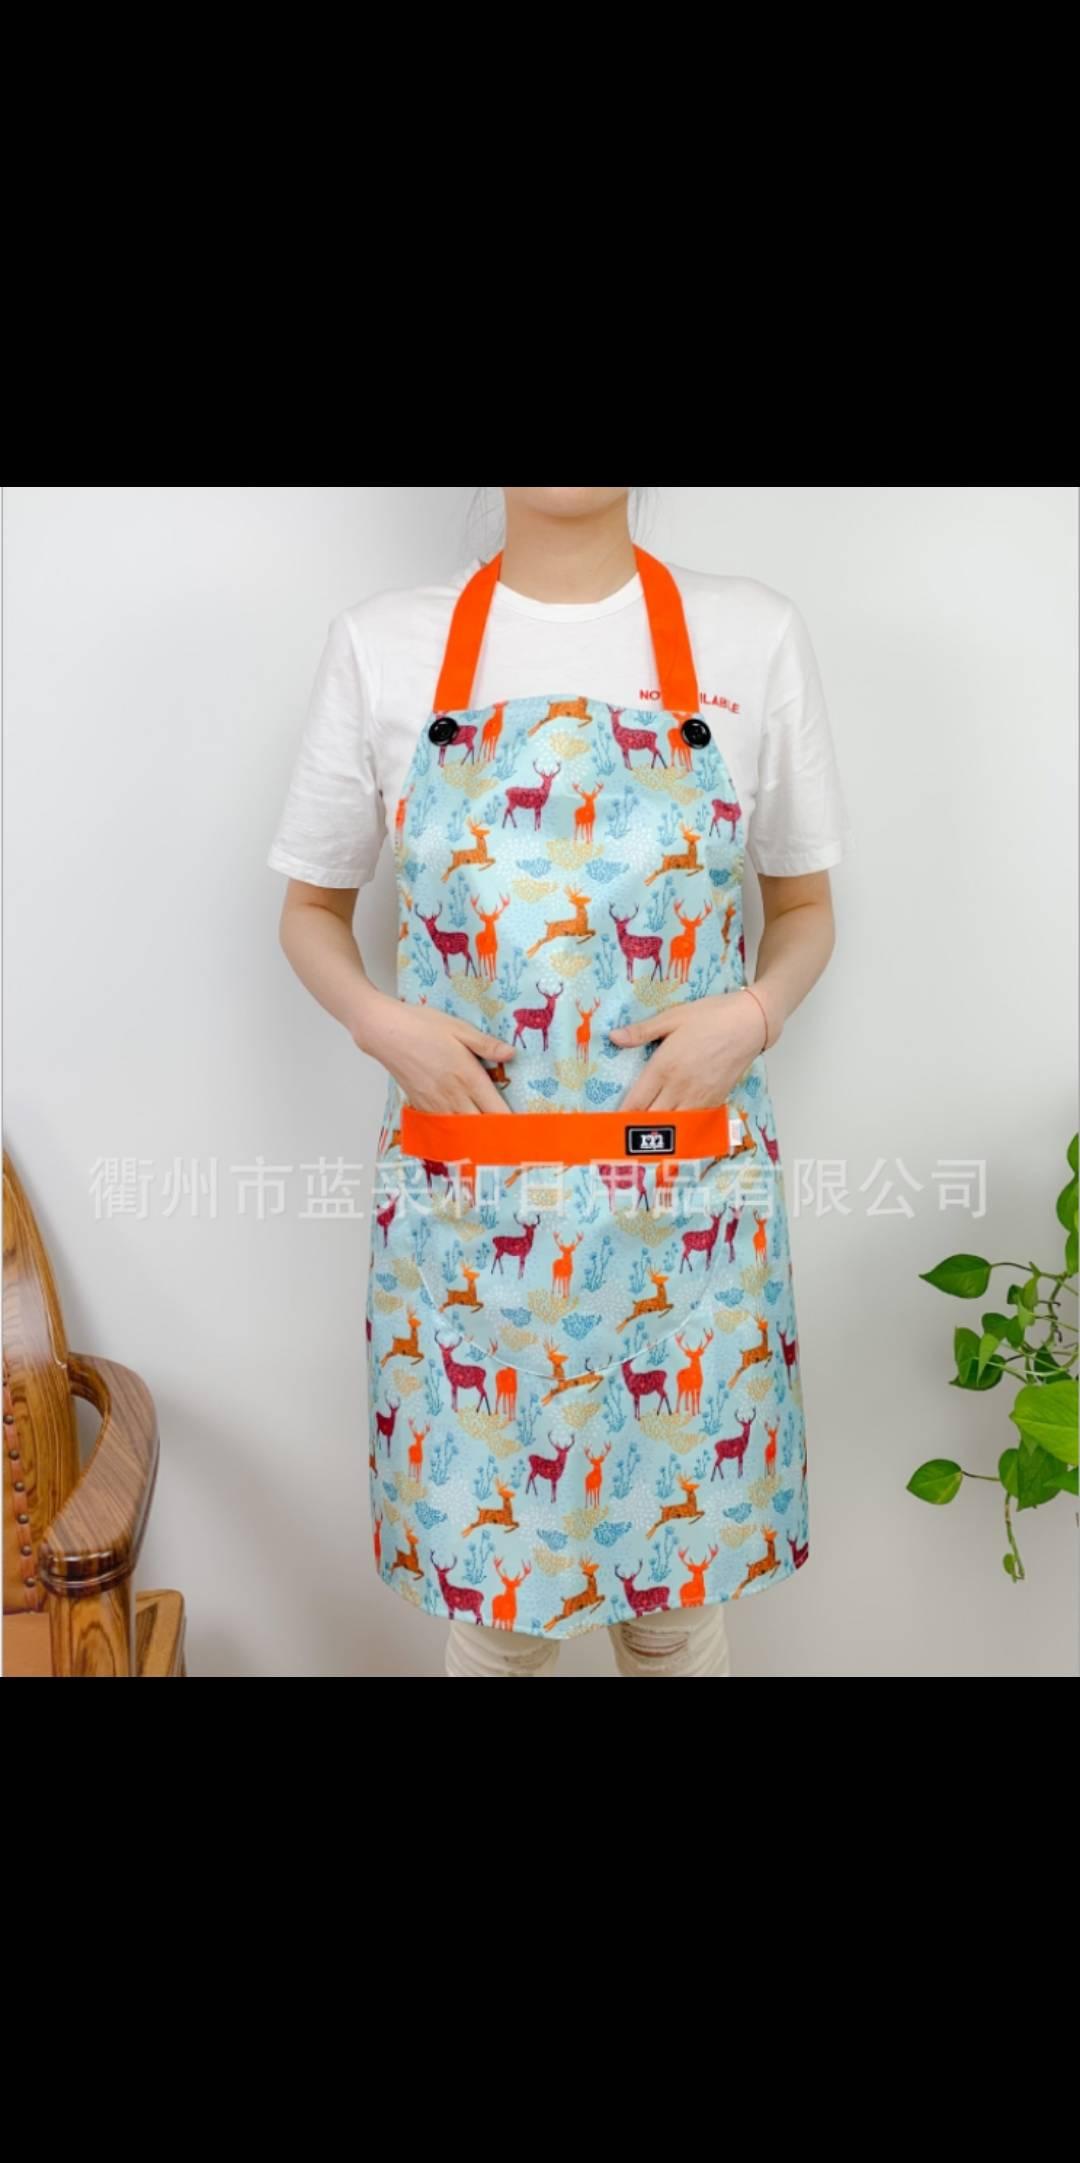 义乌好货 生活蓝成人麋鹿图案挂脖围裙口袋围裙时尚